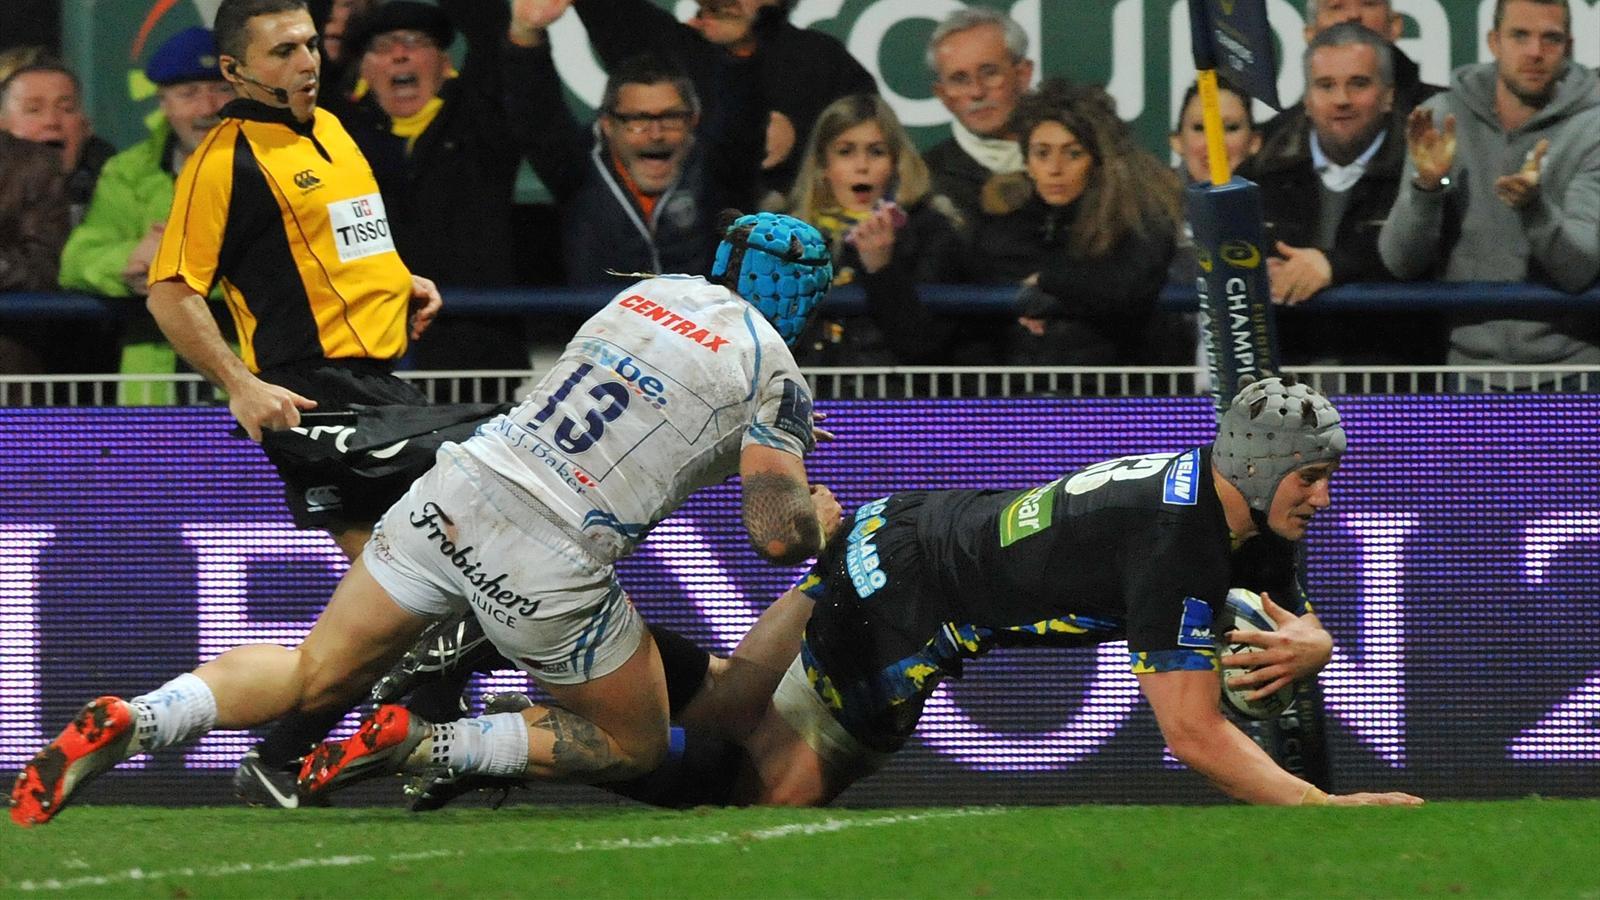 L'essai de Jonathan Davies (Clermont) face à Exeter - 20 décembre 2015